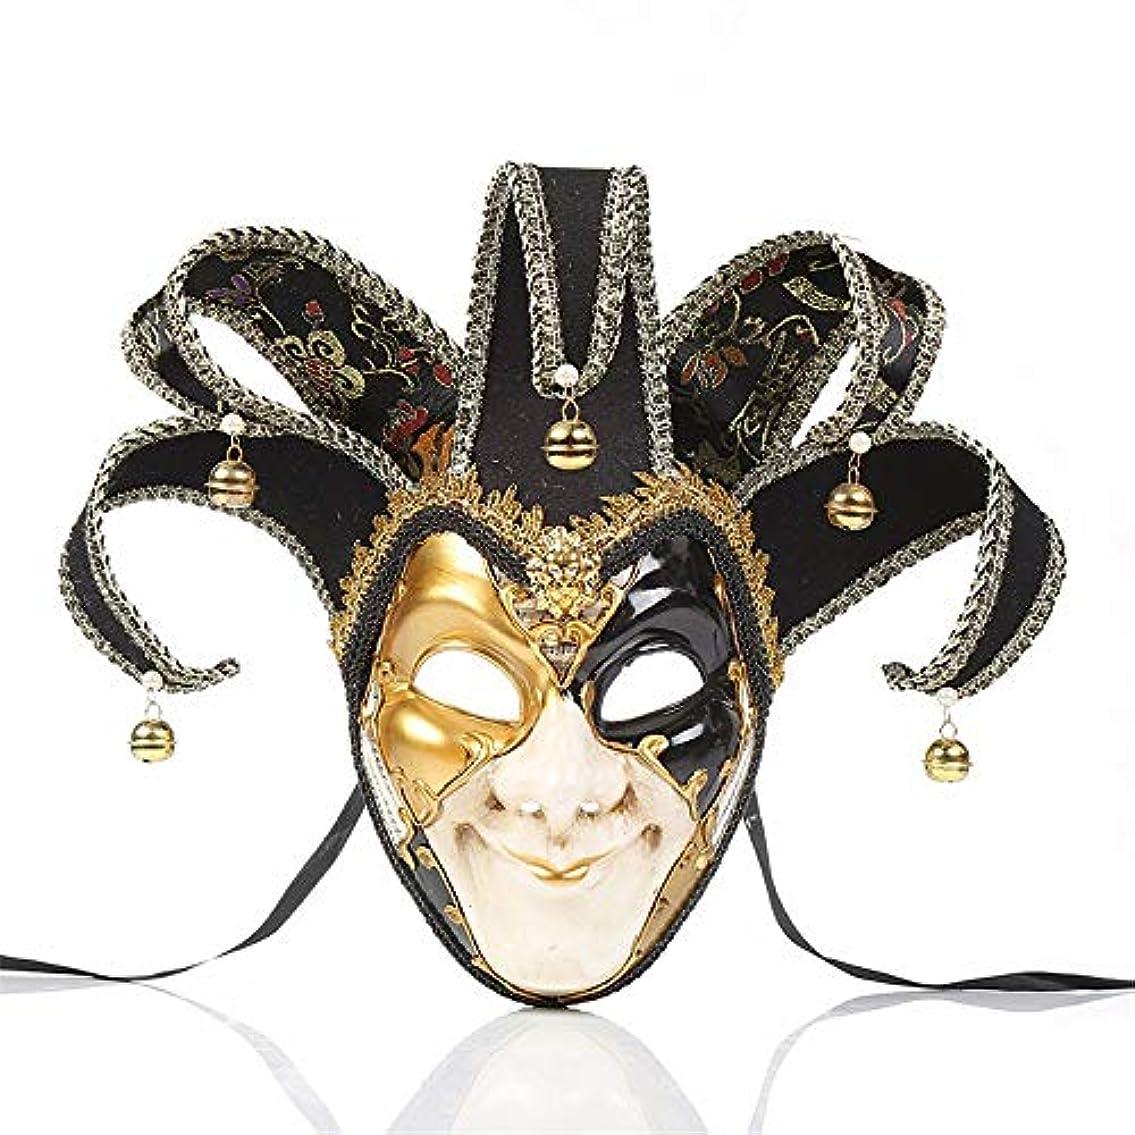 研磨乳剤ホストダンスマスク ピエロマスクハロウィーンパフォーマンスパフォーマンス仮面舞踏会雰囲気用品祭りロールプレイングプラスチックマスク ホリデーパーティー用品 (色 : ブラック, サイズ : 39x33cm)